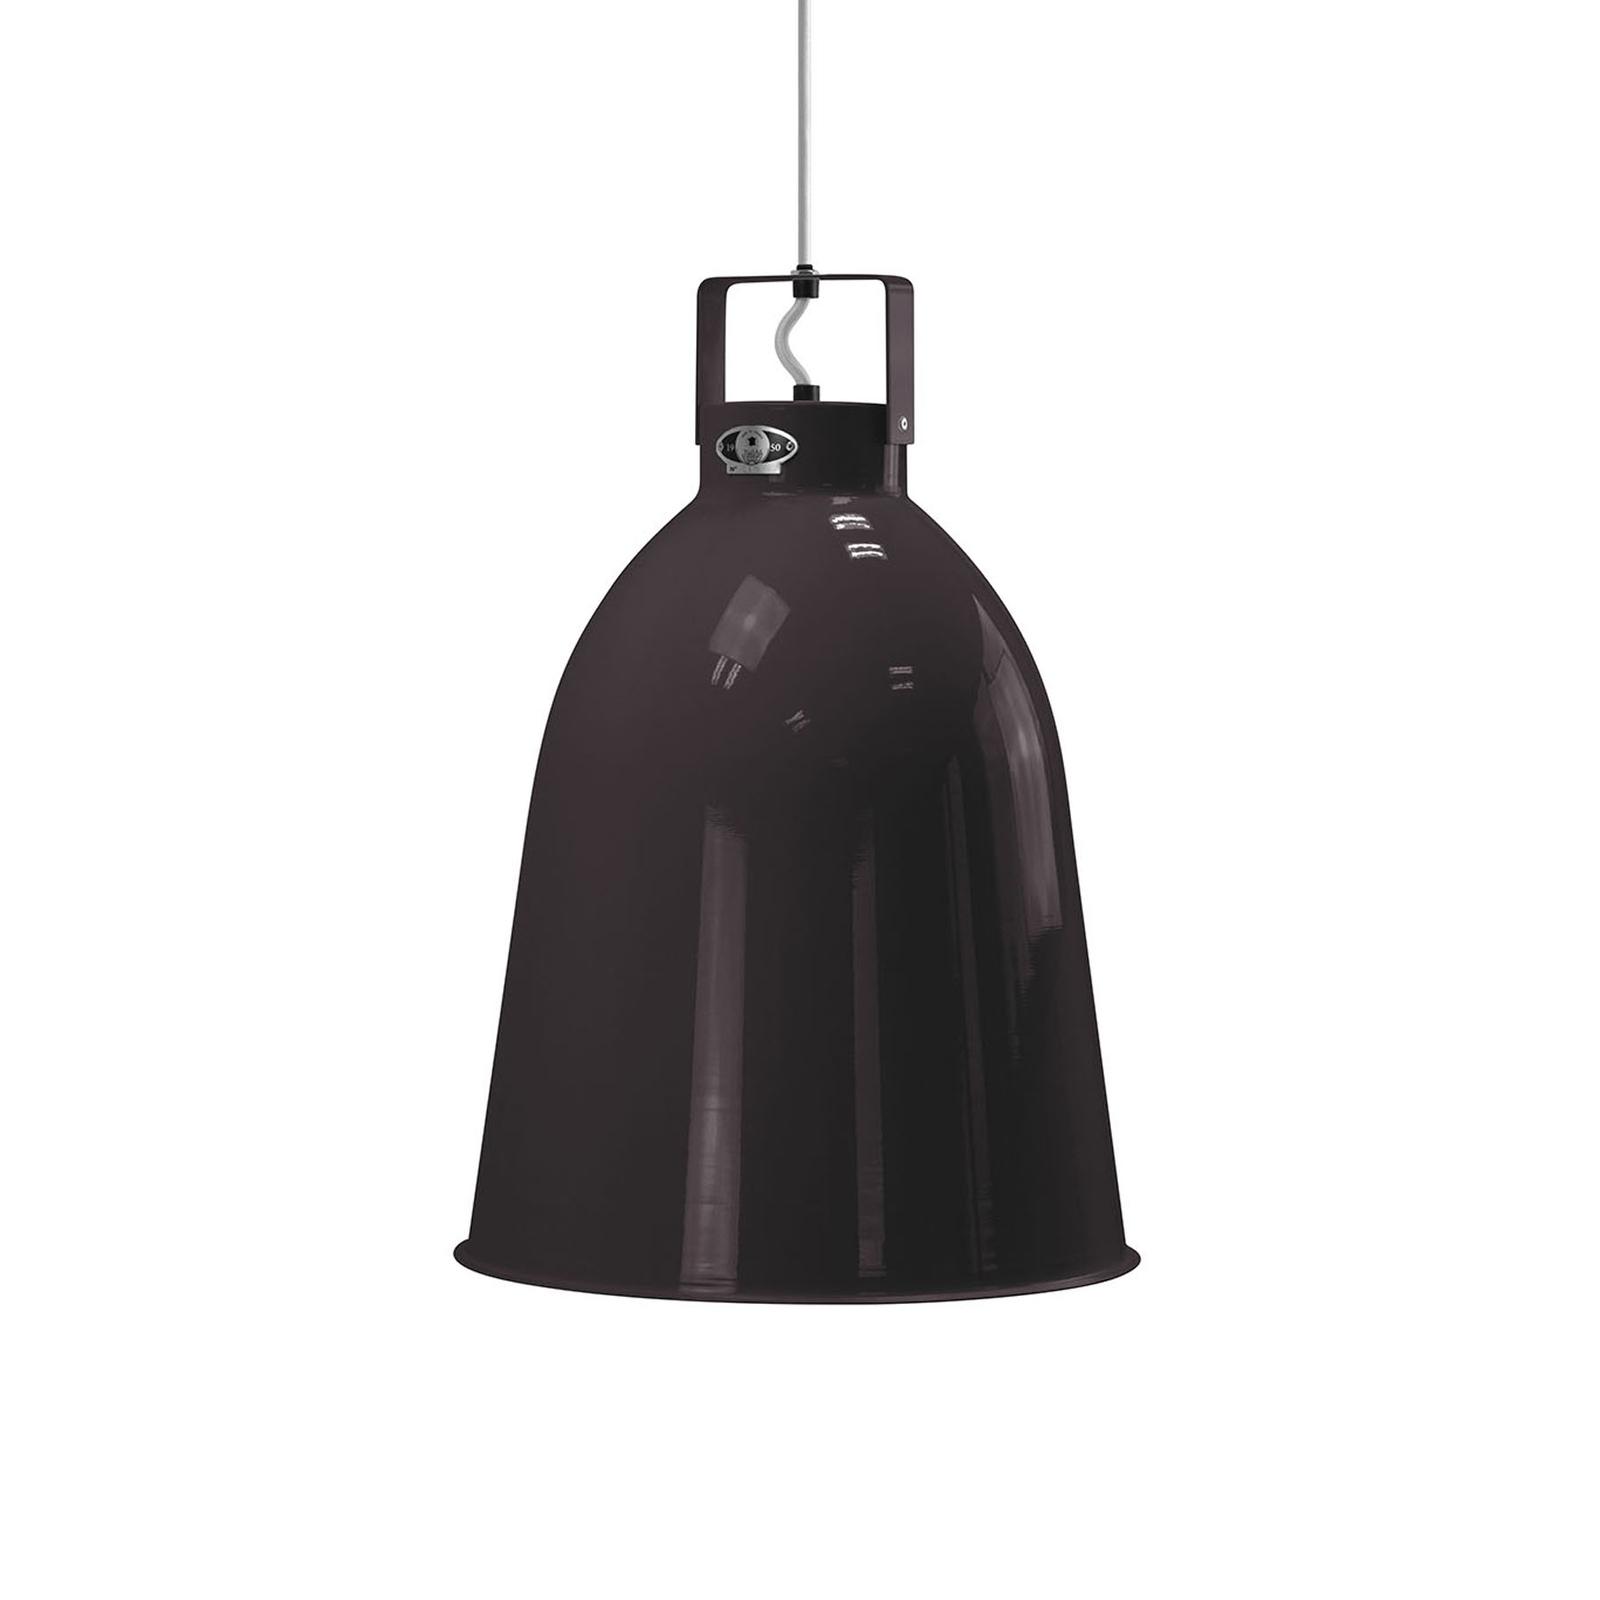 Jieldé Clément C360 lampa wisząca czarna Ø36cm